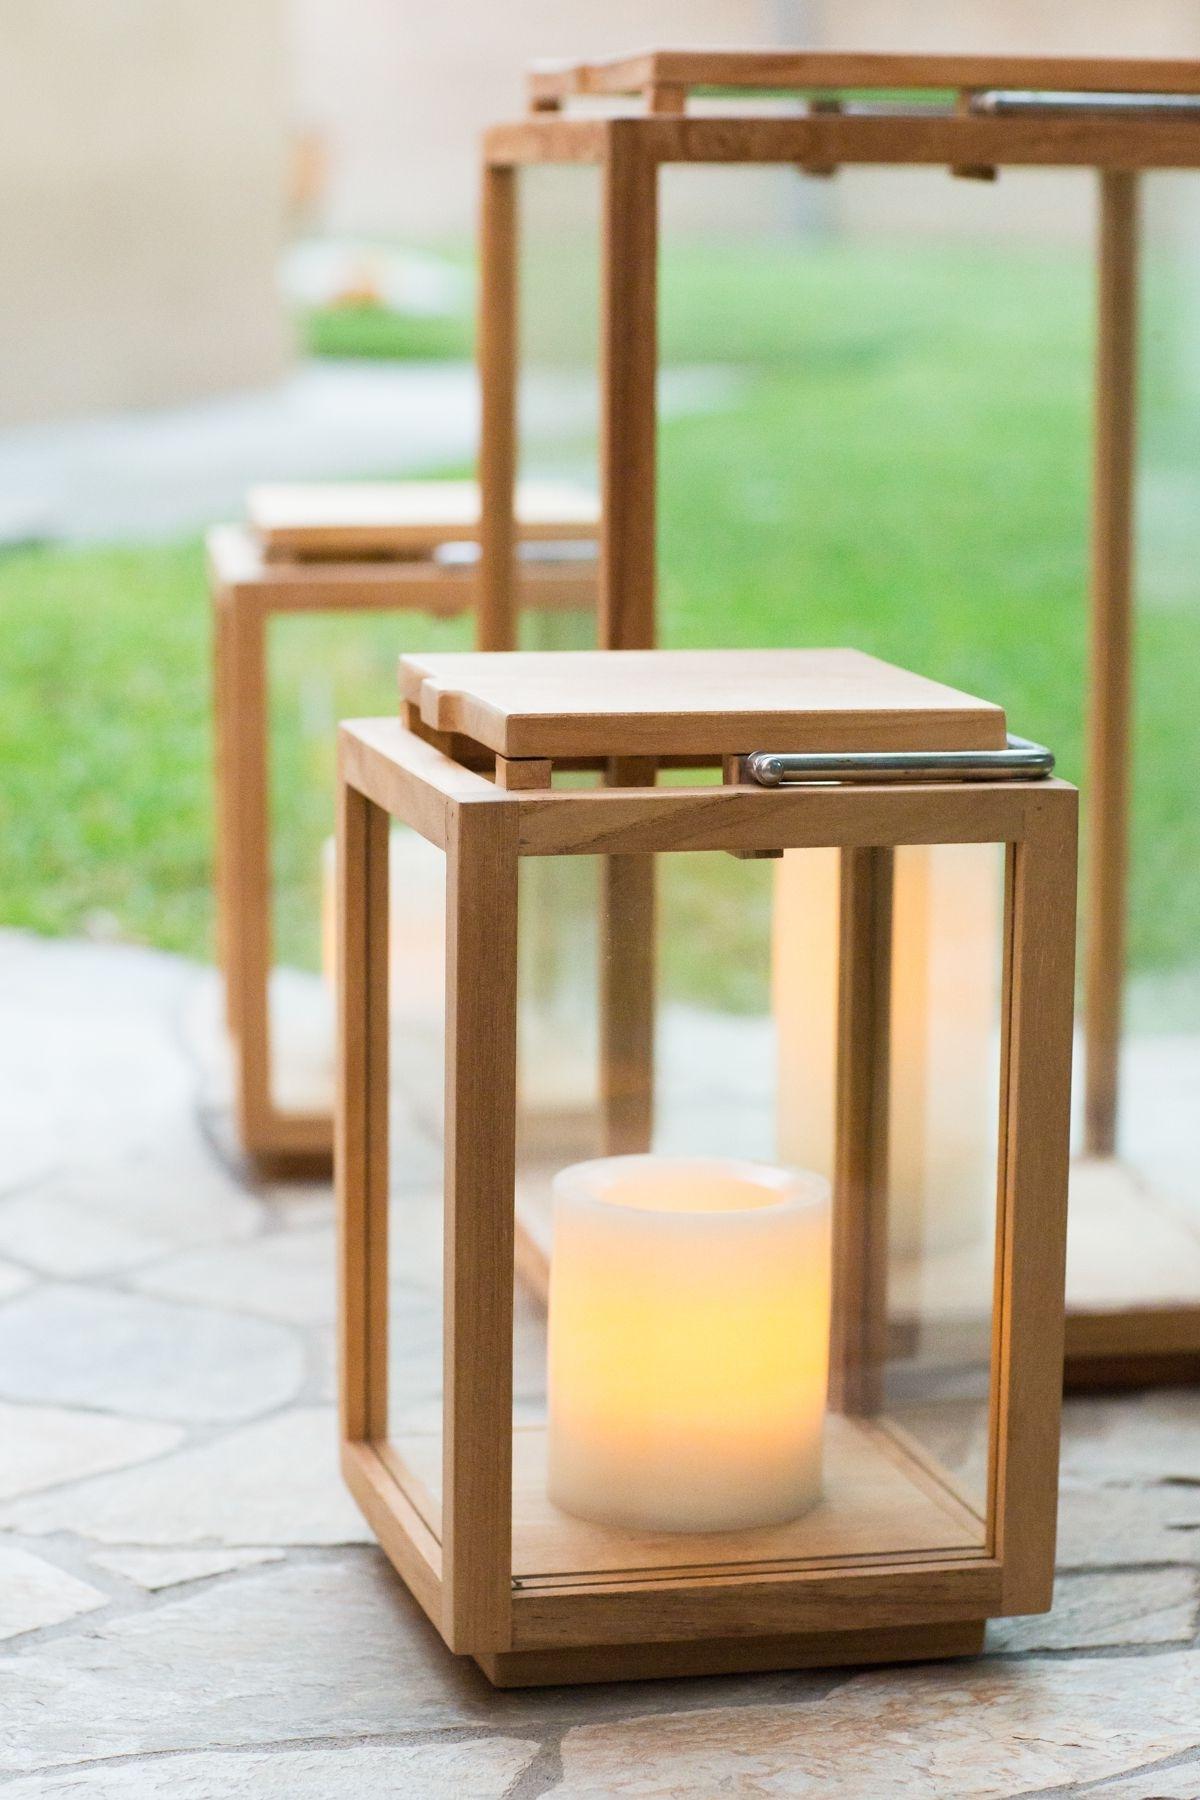 Outdoor Patio Teak Lanterns // Outdoor Lighting // Patio // Outdoor With Regard To Most Popular Outdoor Teak Lanterns (View 6 of 20)